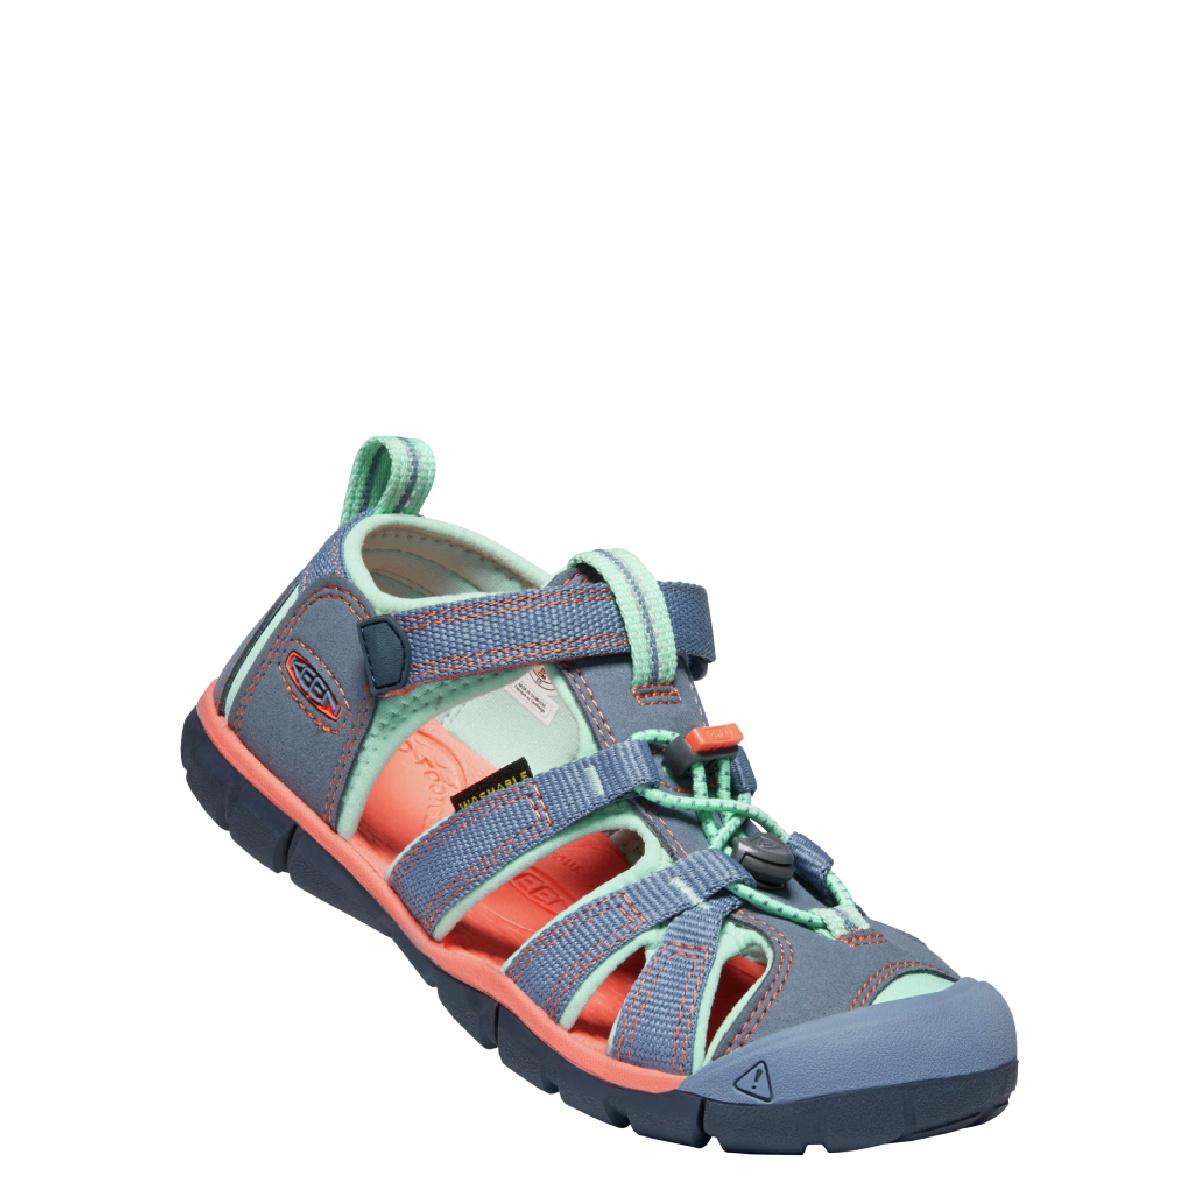 Keen Footwear Keen Seacamp II CNX Kids Flint Stone